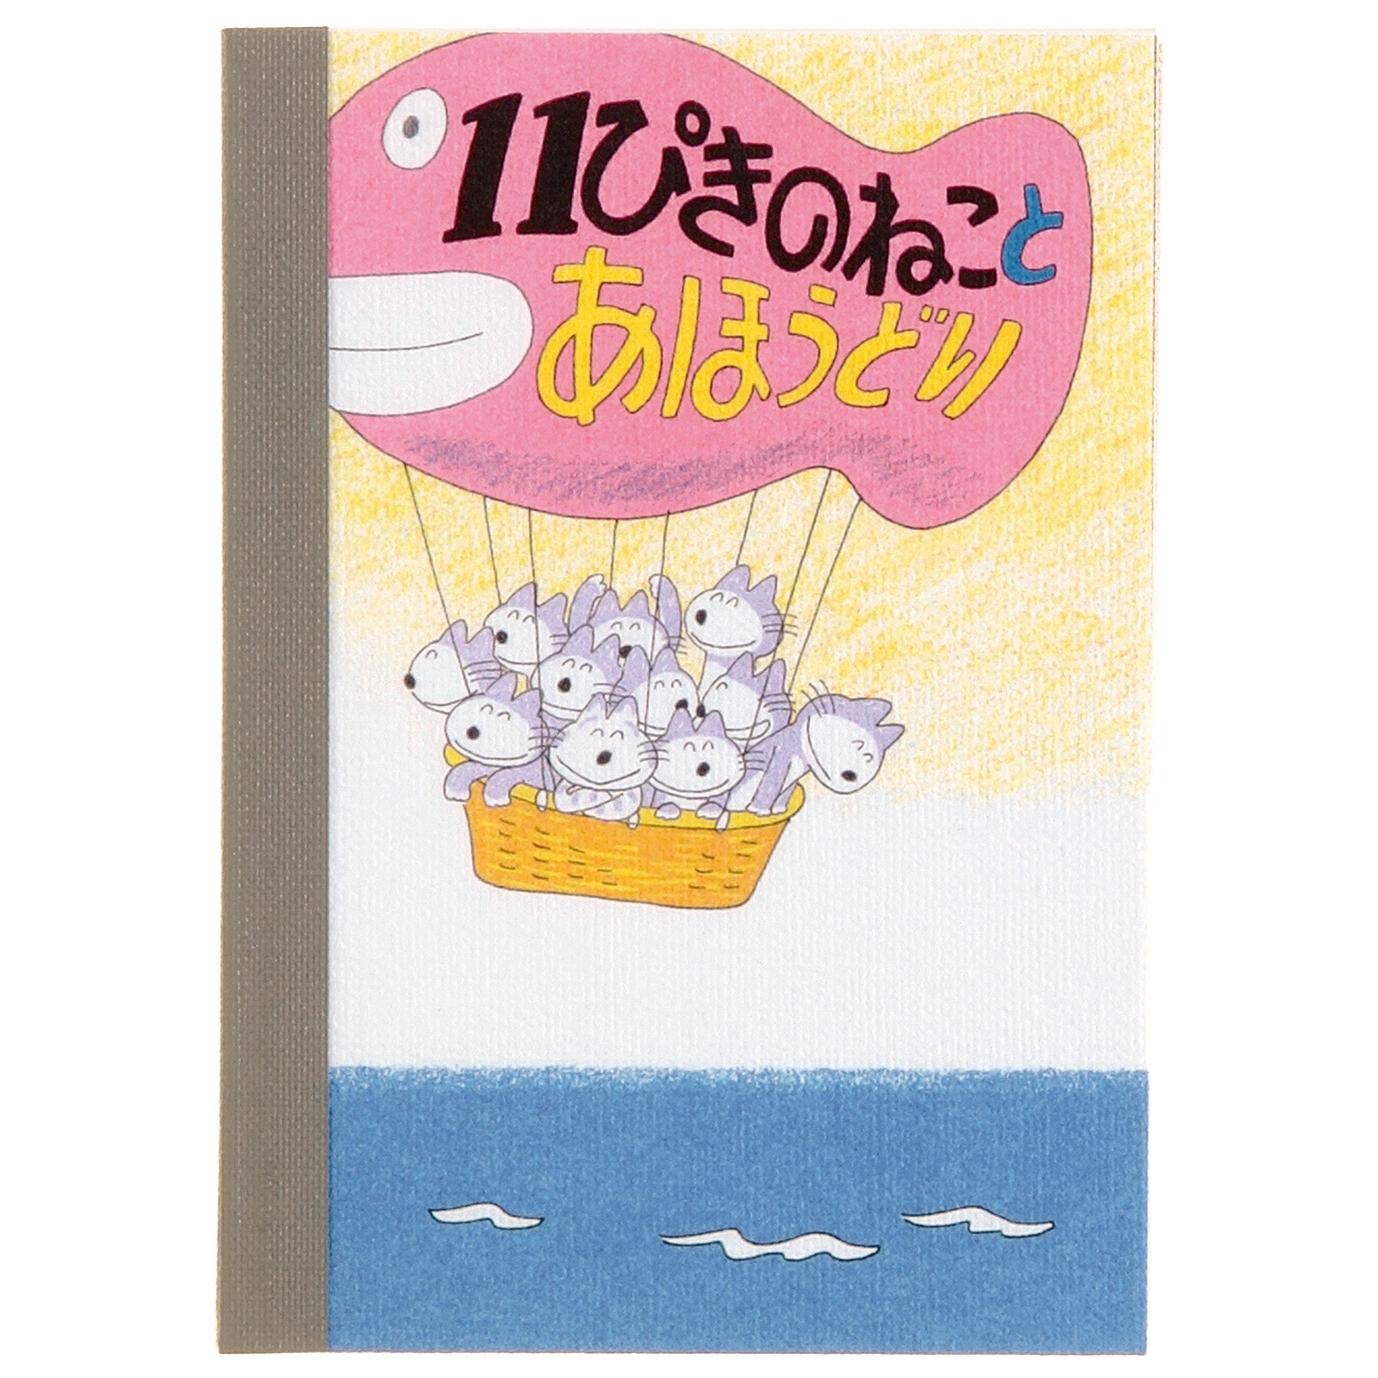 11ぴきのねこ 馬場のぼる<br> ミニメモ(気球)